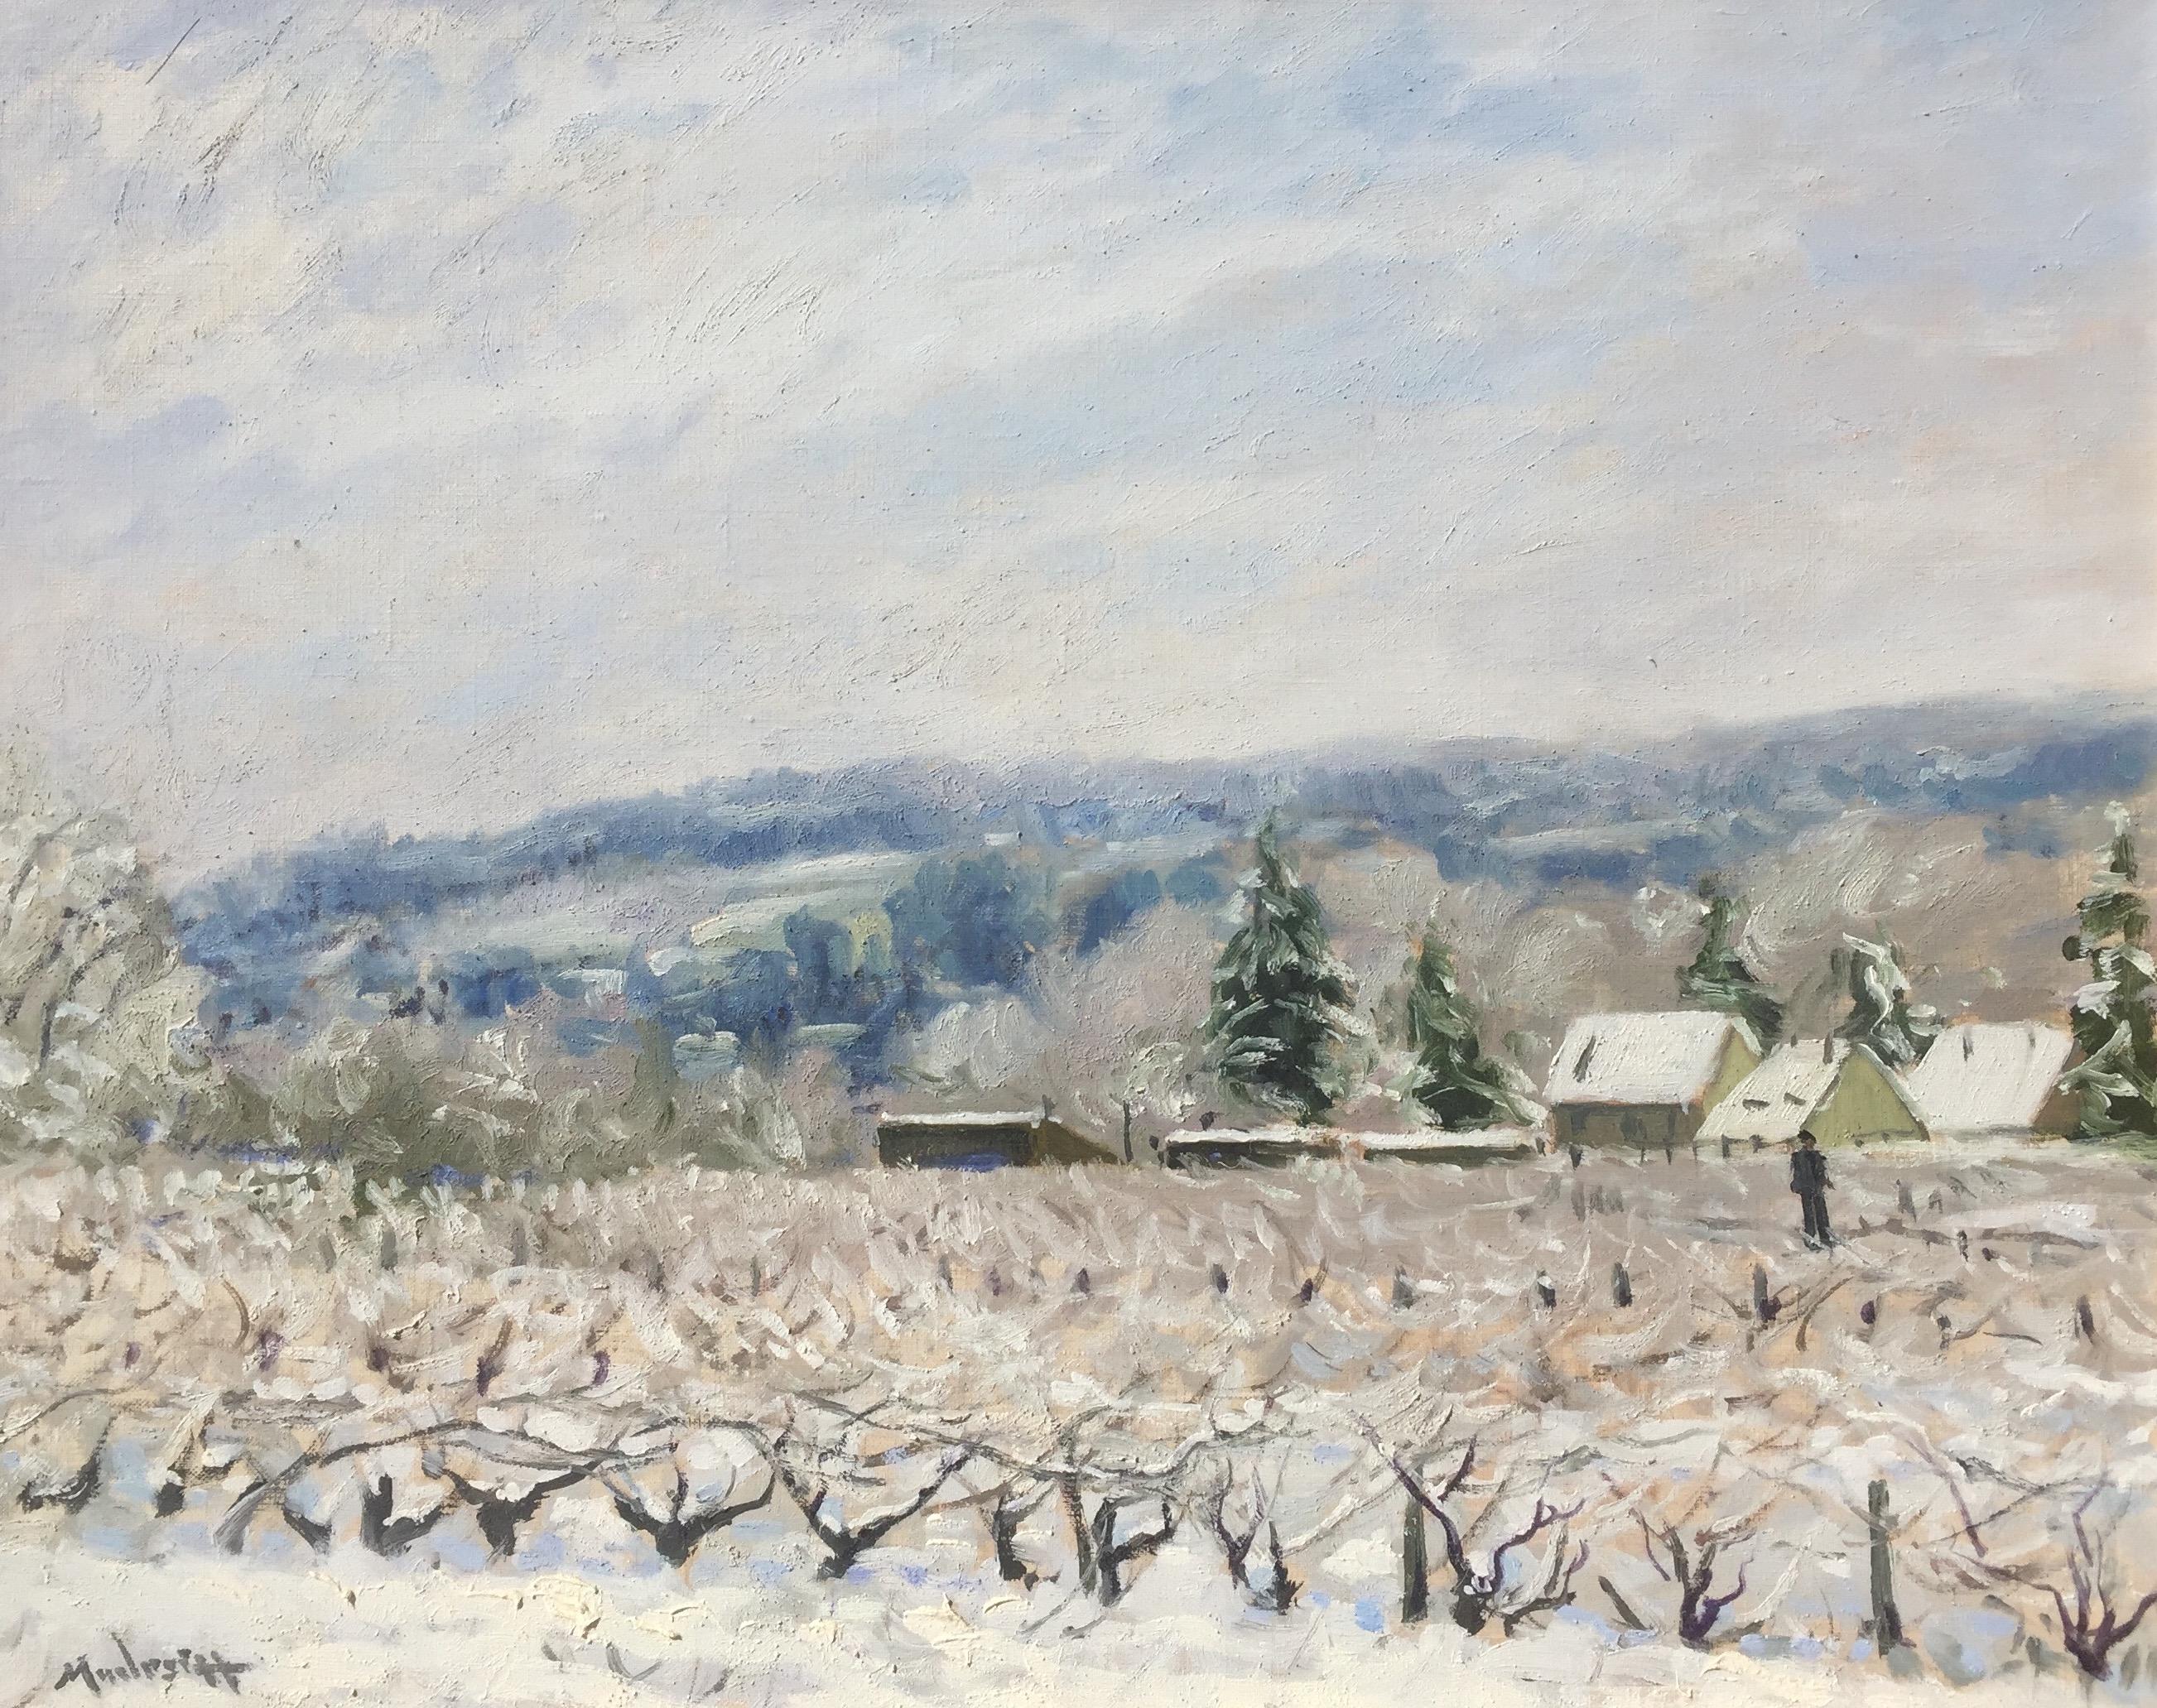 modesitt-wintervineyard-cropped